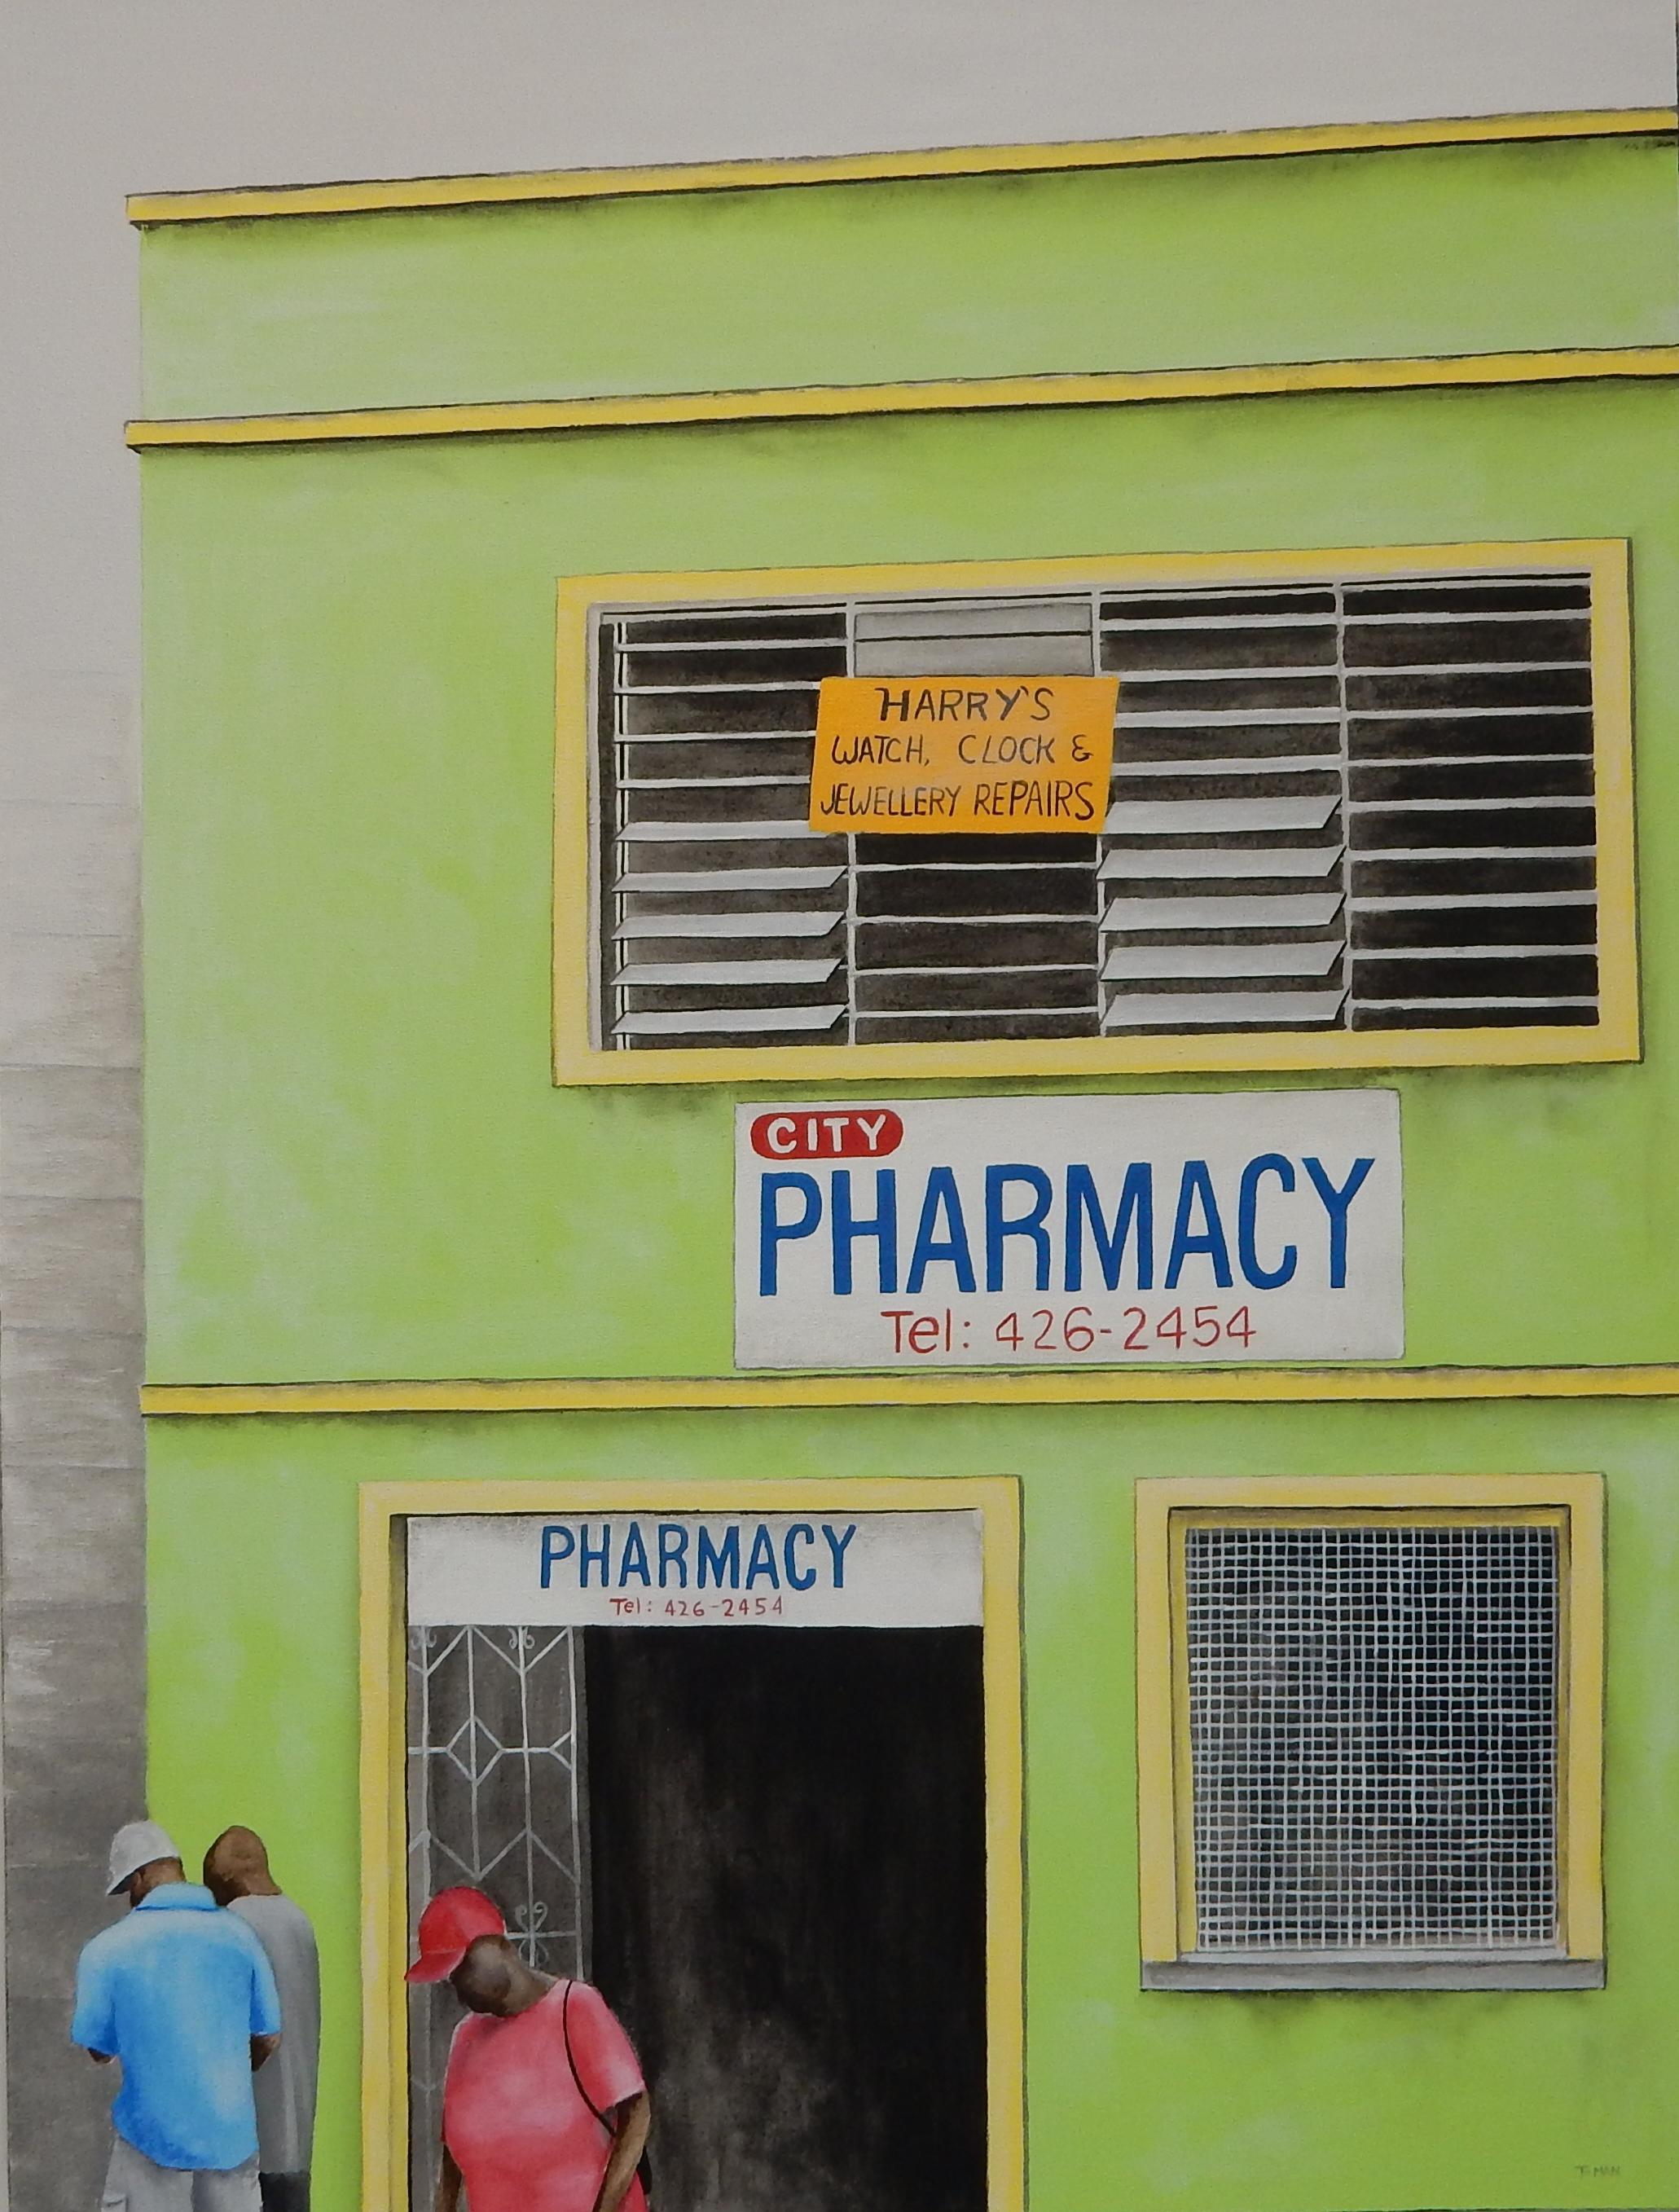 City Pharmacy